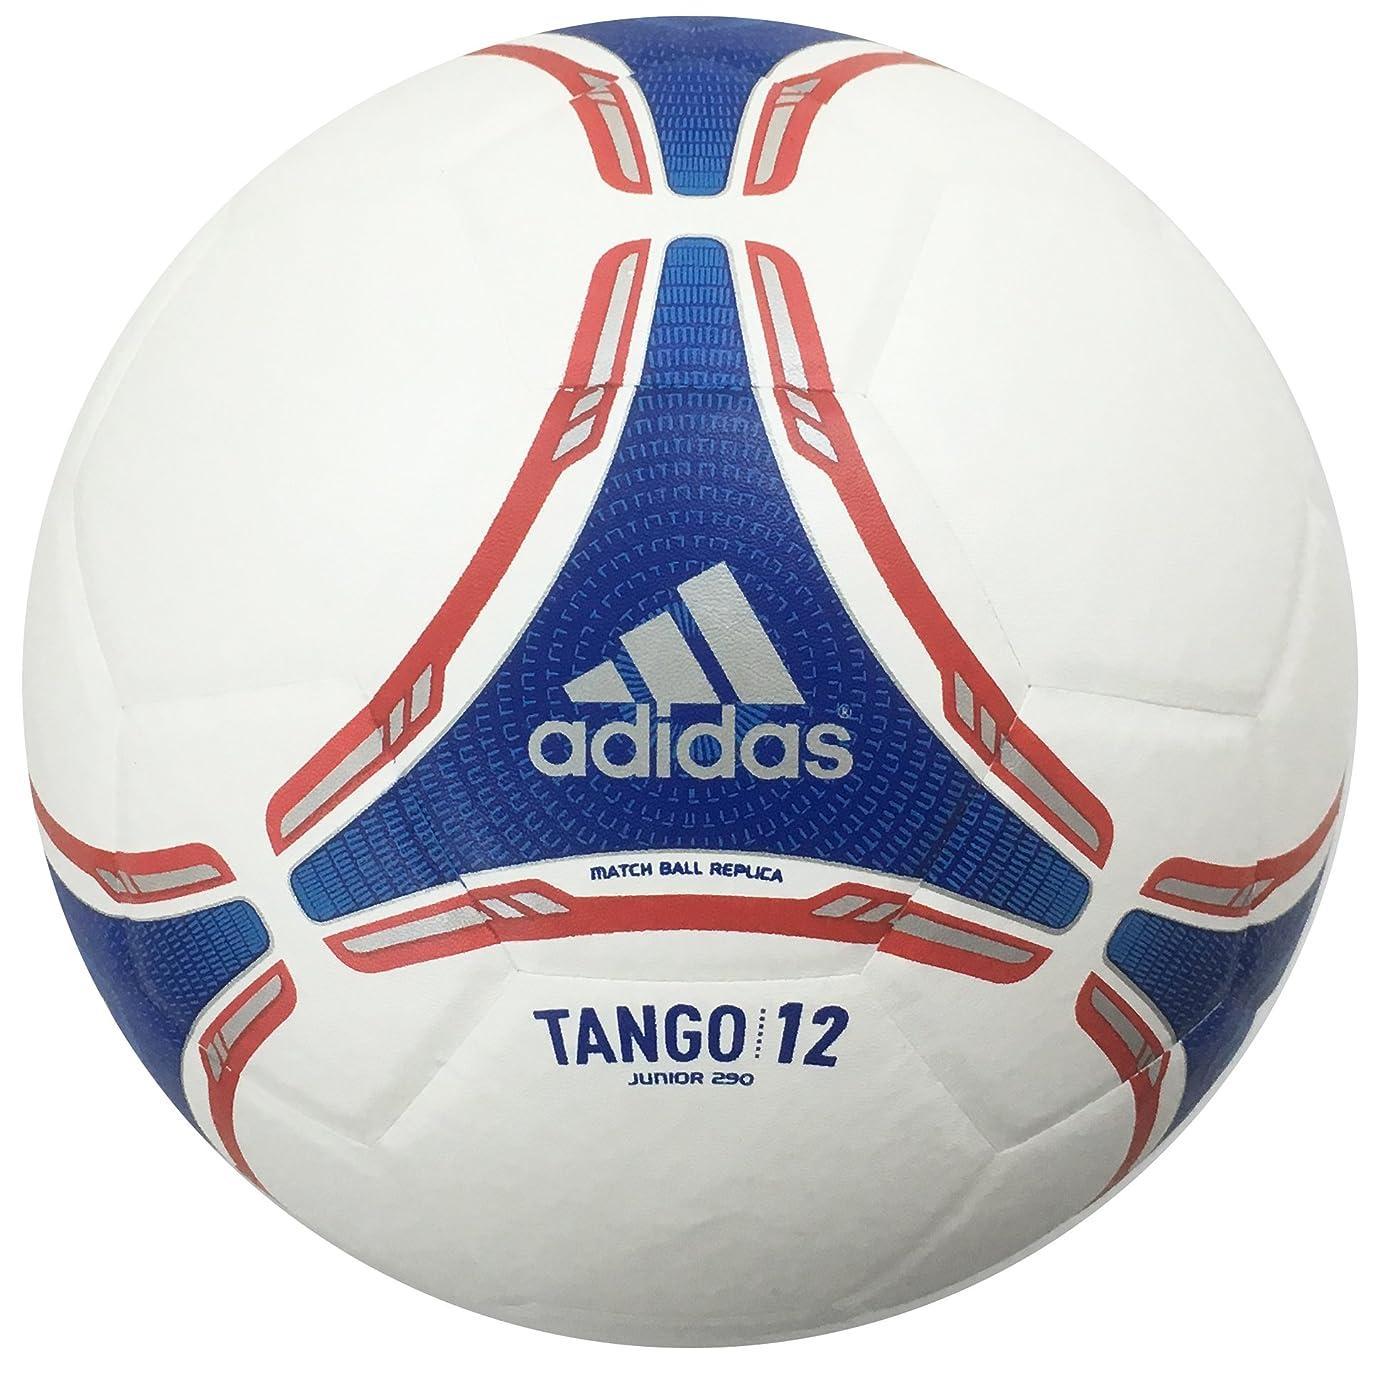 未知の漏れ研究所adidas(アディダス)サッカーボール タンゴ12 ラティーノ 軽量4号 AS487